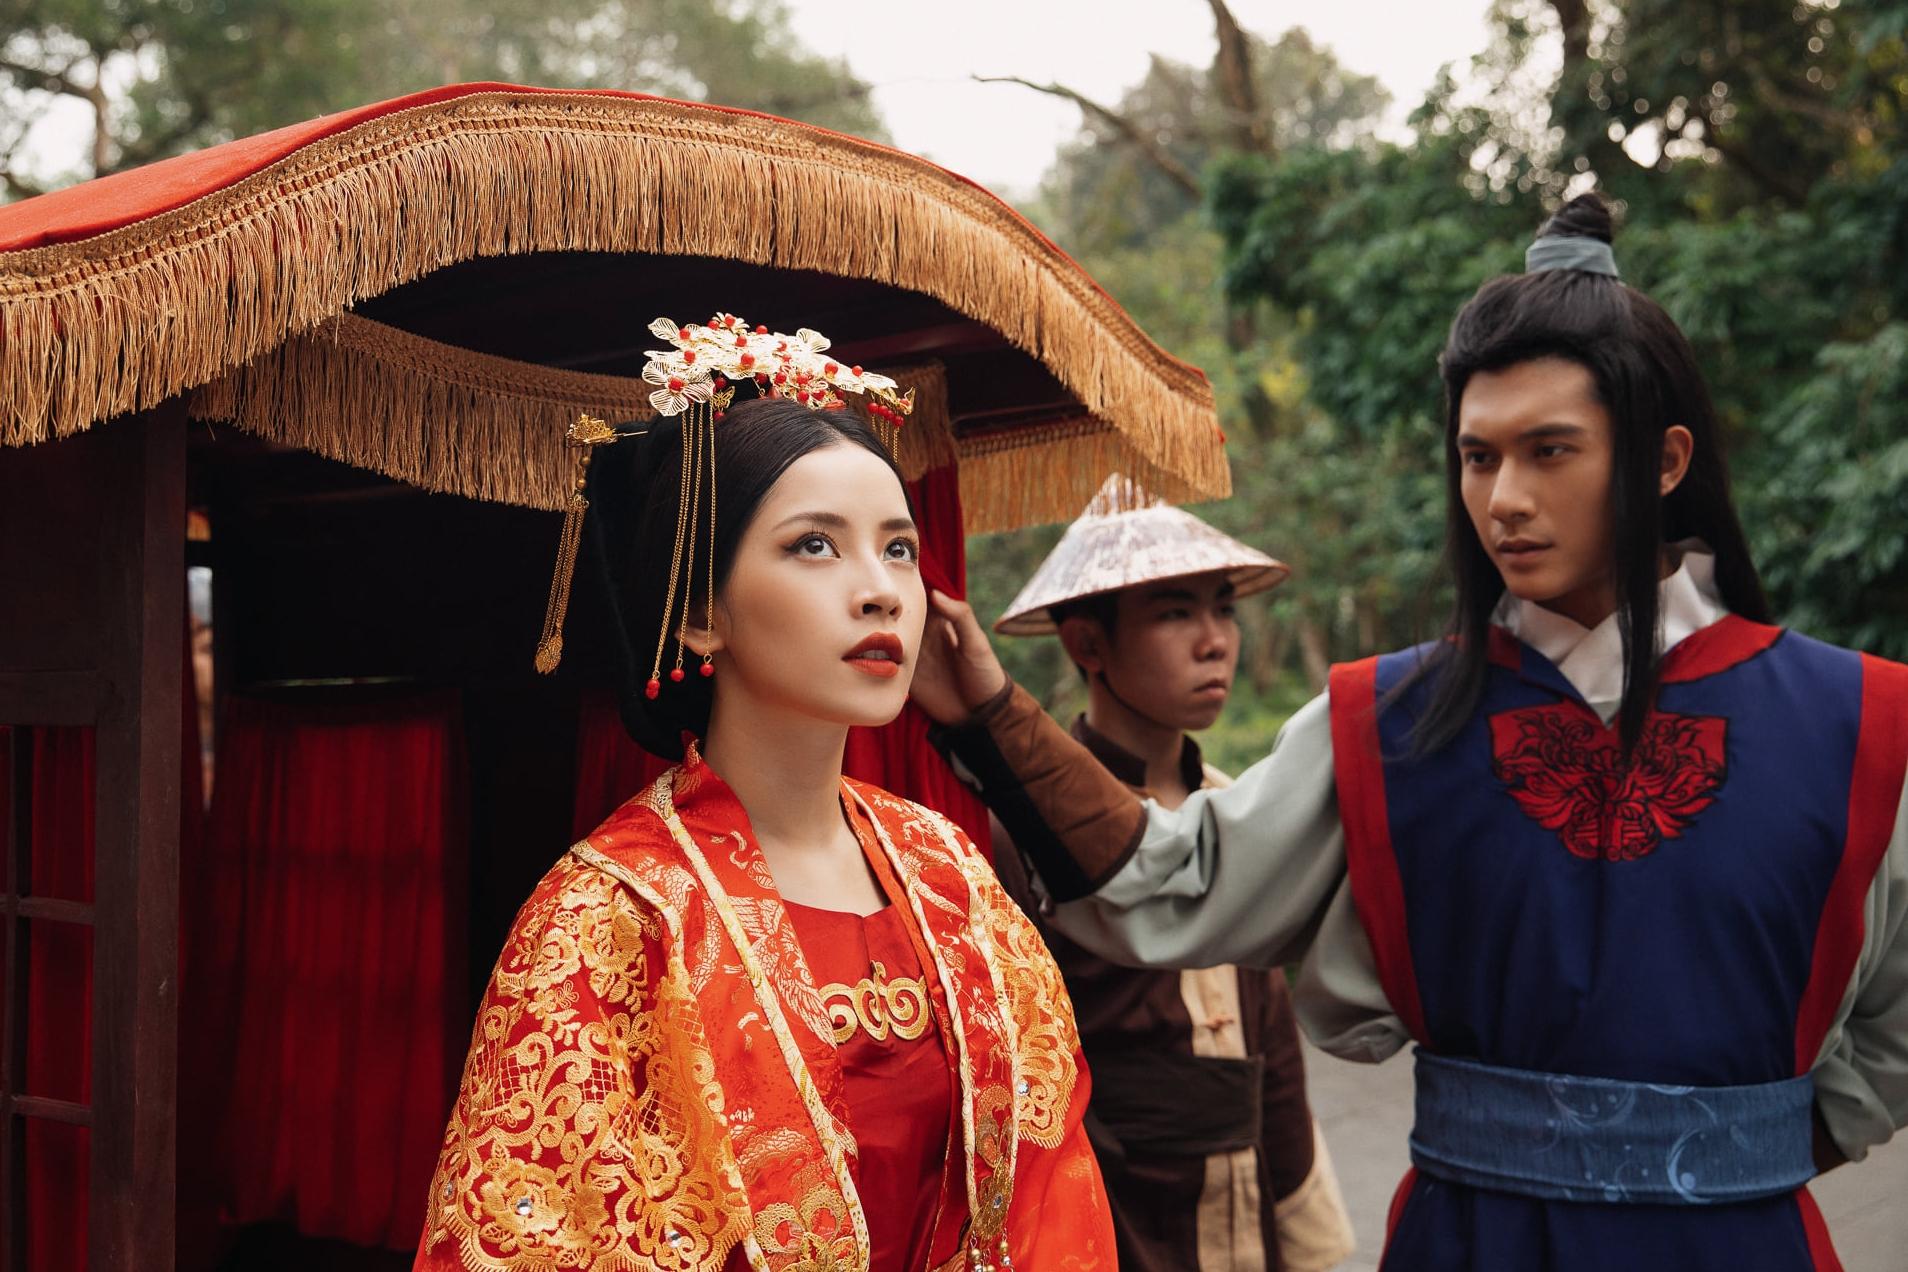 Chi Pu đóng vai Cám trong MV. Bên cạnh cô là nhân vật thị vệ do Lâm Bảo Châu - tình trẻ của Lệ Quyên - thể hiện.